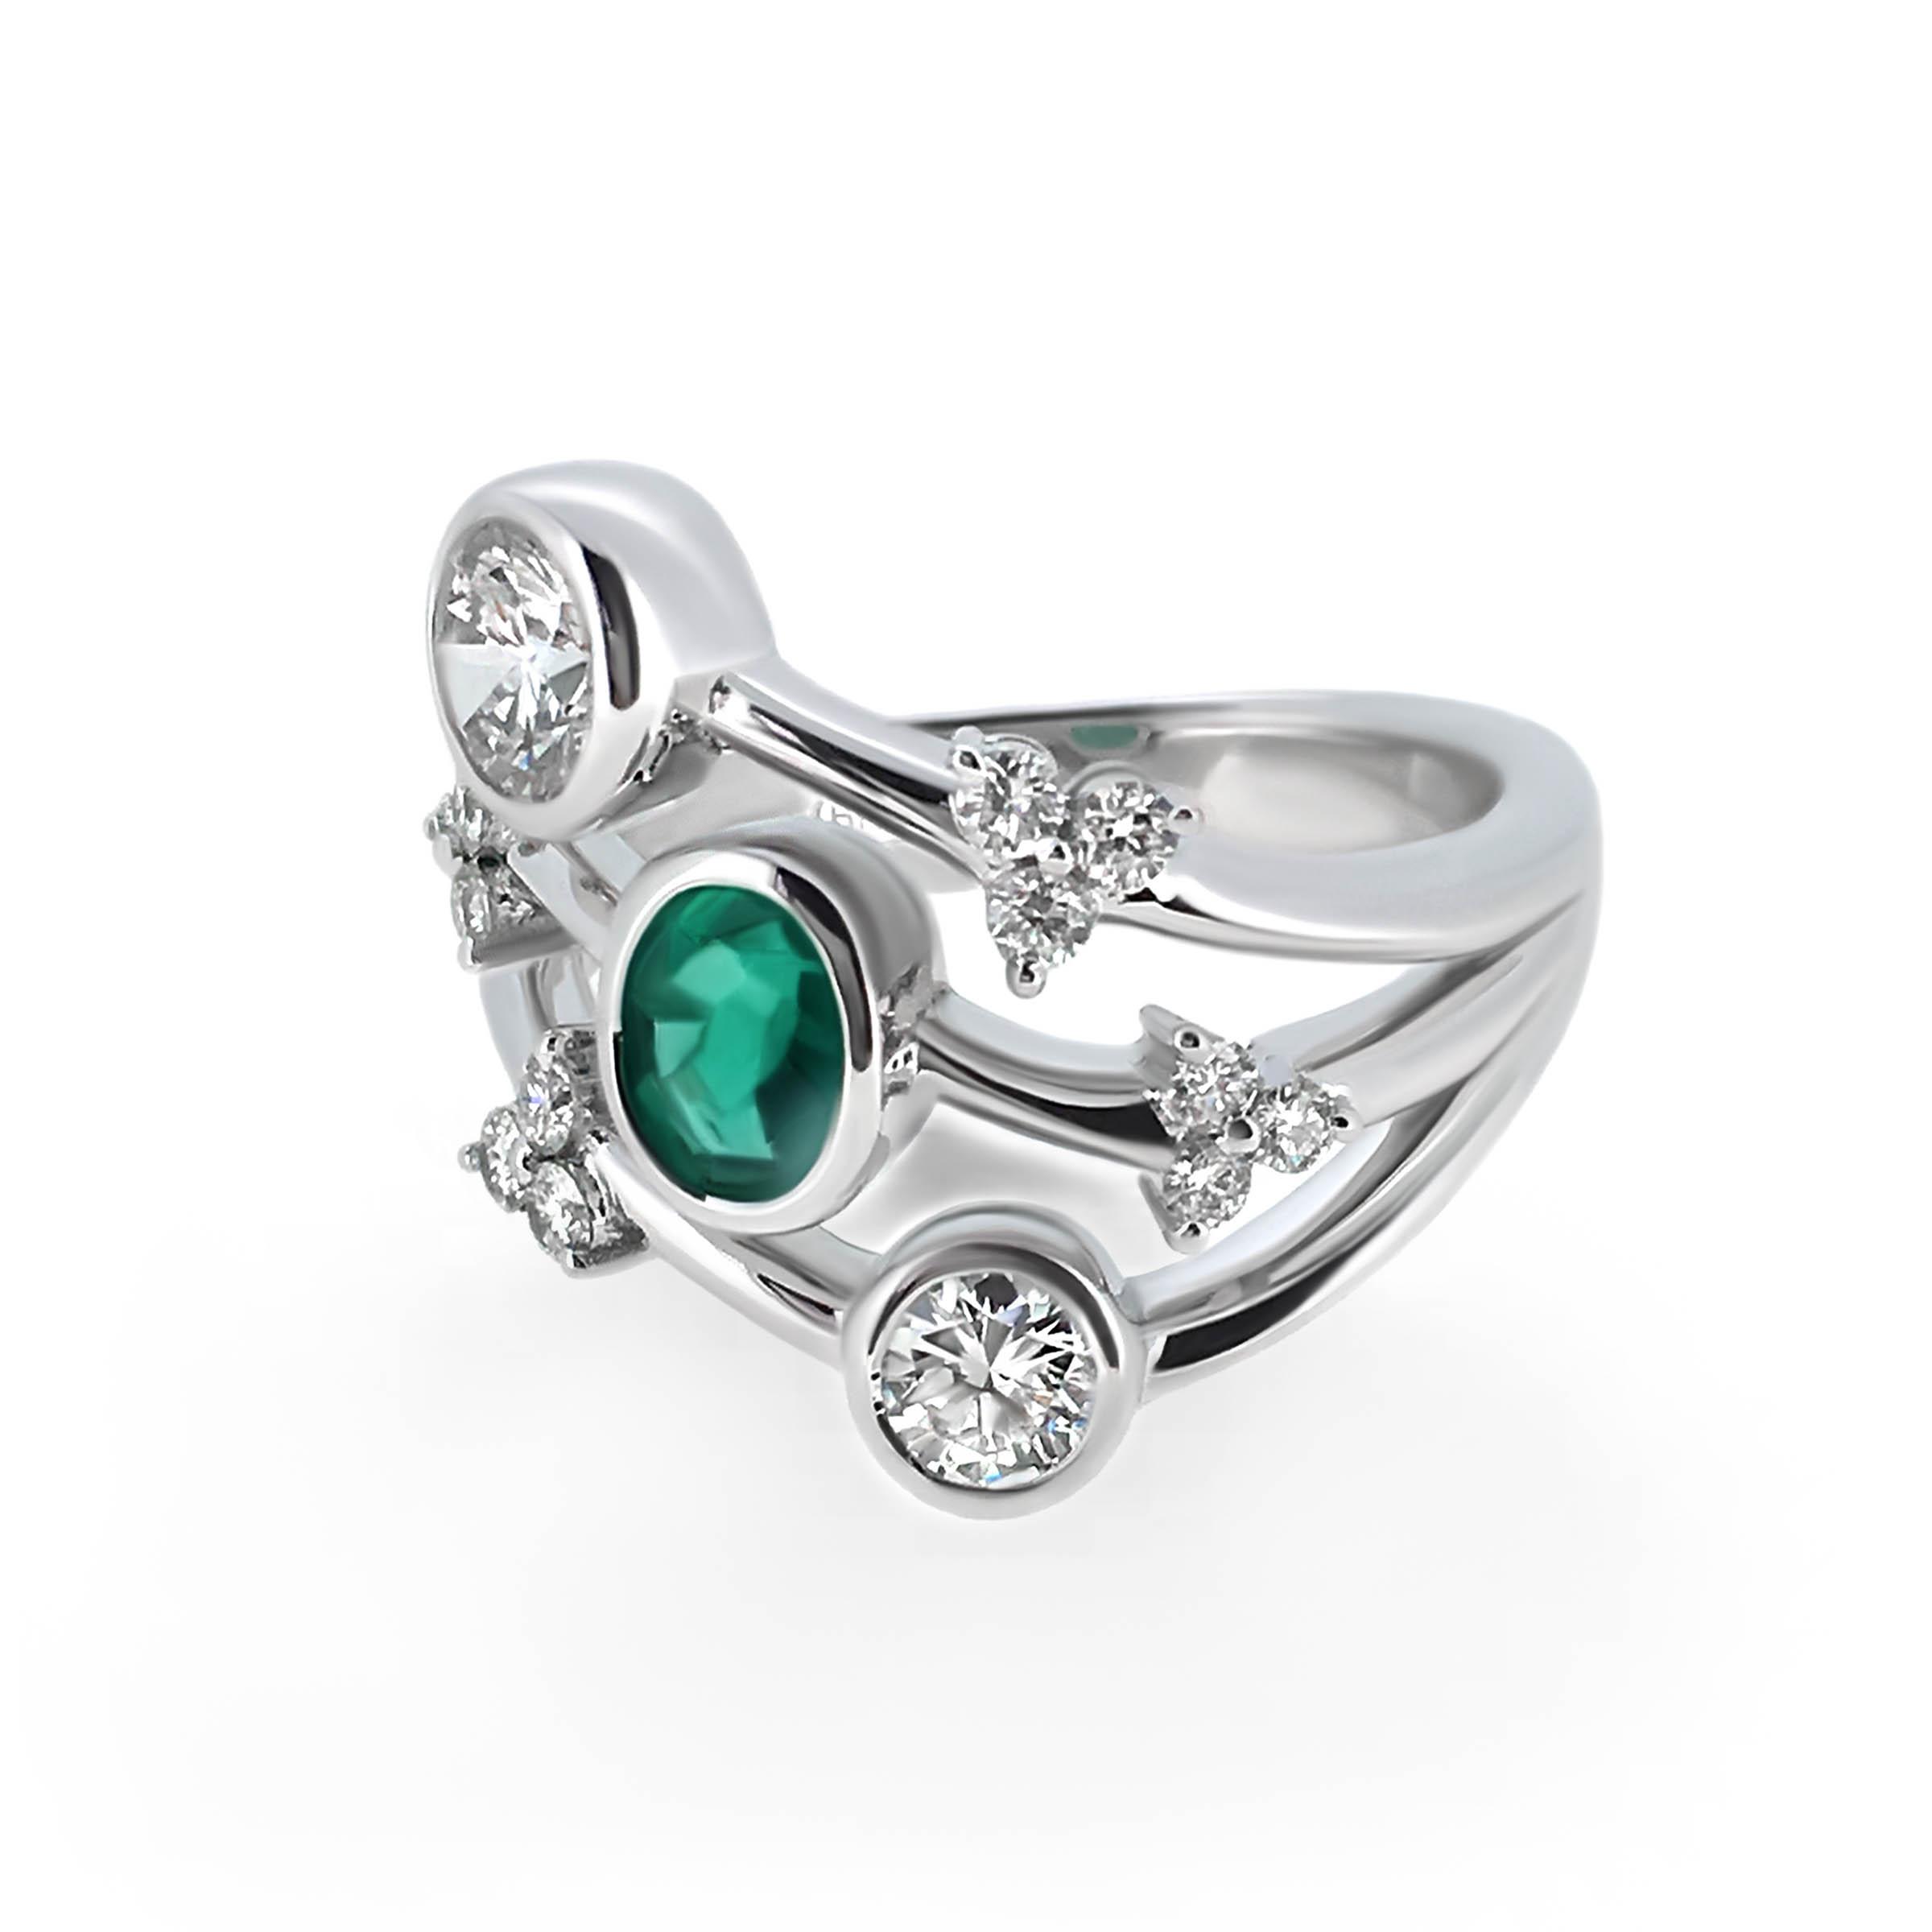 emerald and diamond cocktail ring- haywards of hong kong